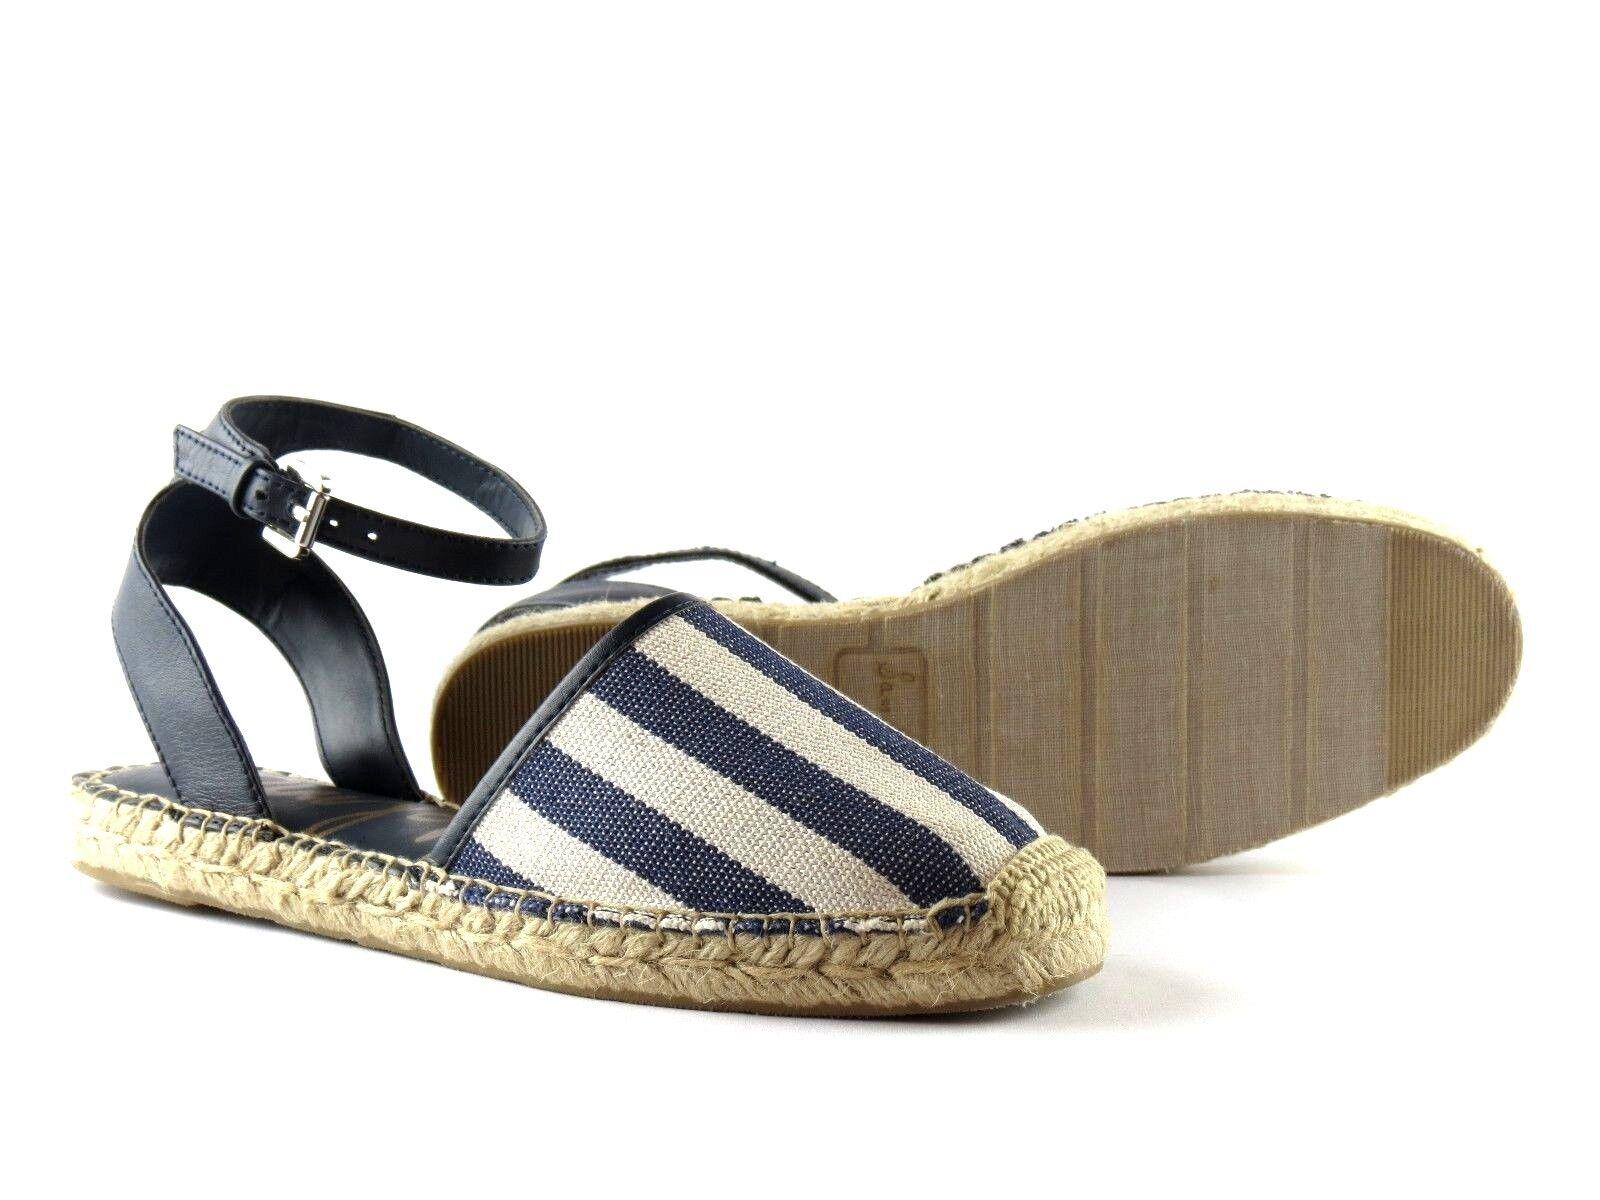 Sam Edelman Vivian Navy Espadrille Weiß Stripe Ankle Strap Espadrille Navy Sandale NEW Größe 8 2114a6